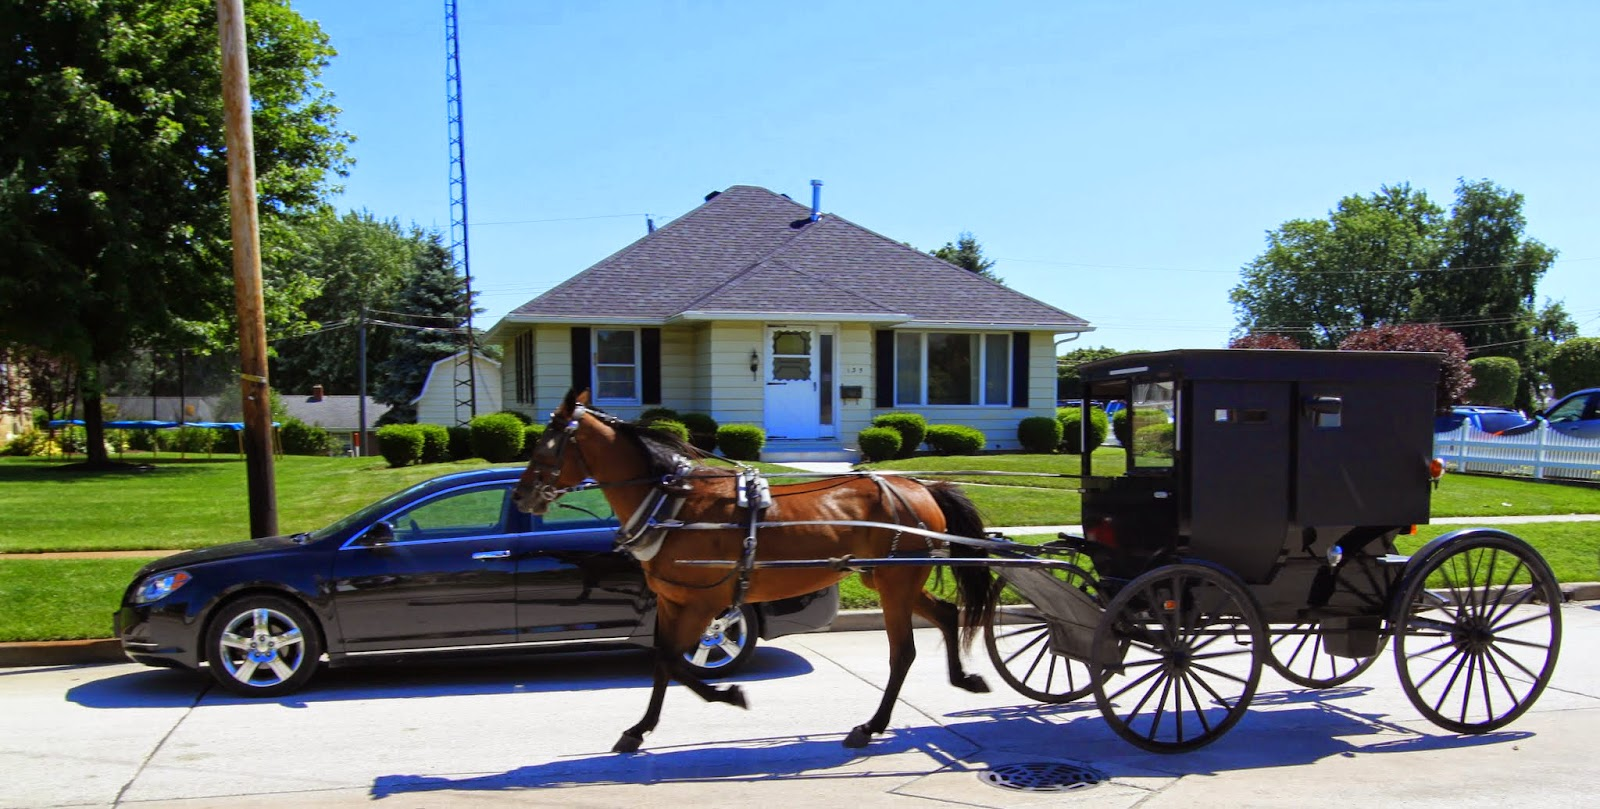 Amish Shipshewana Antique and Flea Market